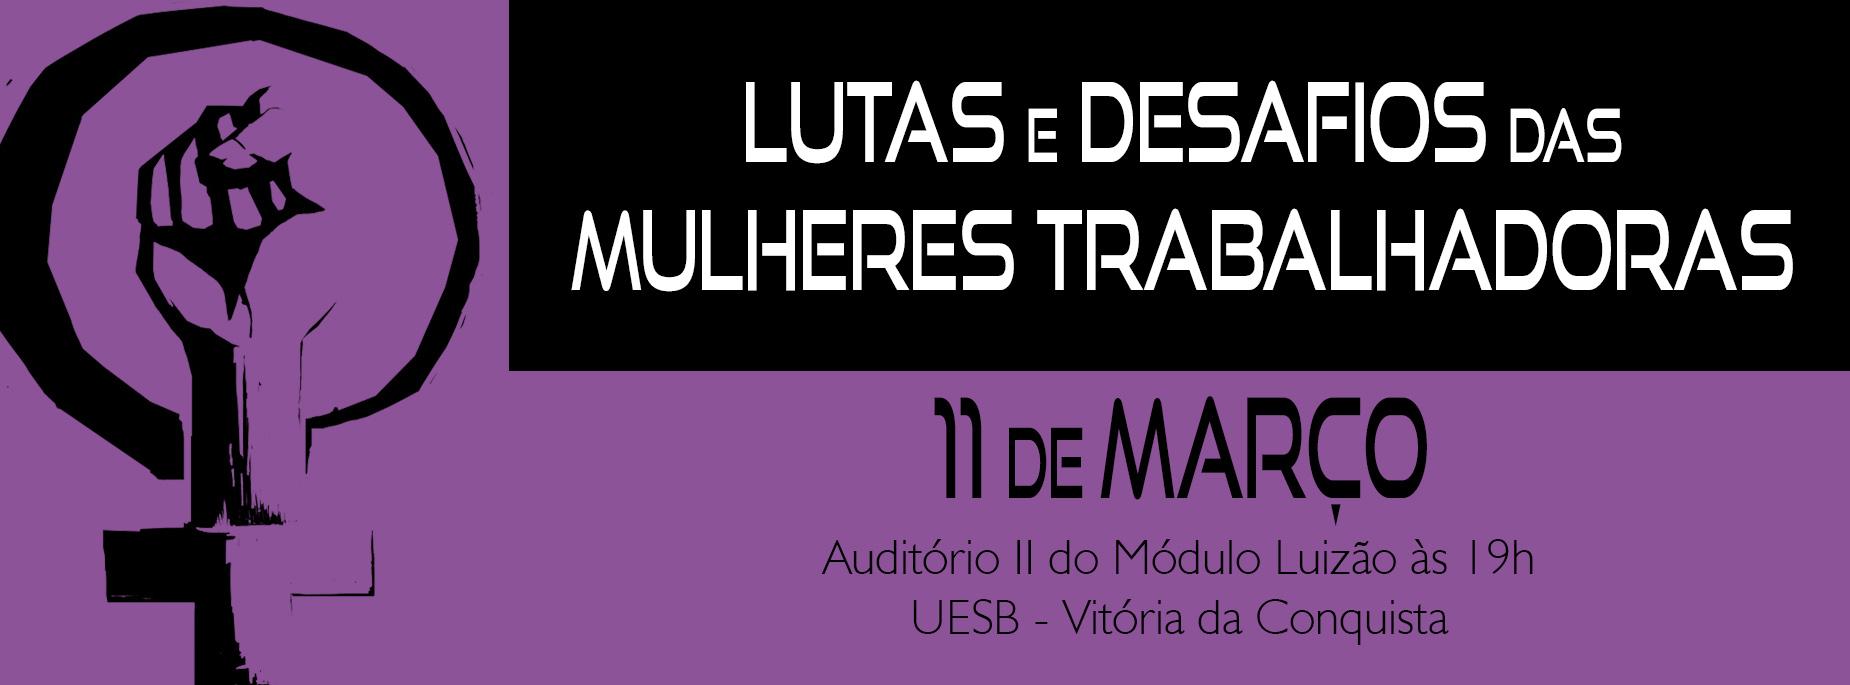 Adusb promove evento sobre lutas e desafios das mulheres trabalhadoras